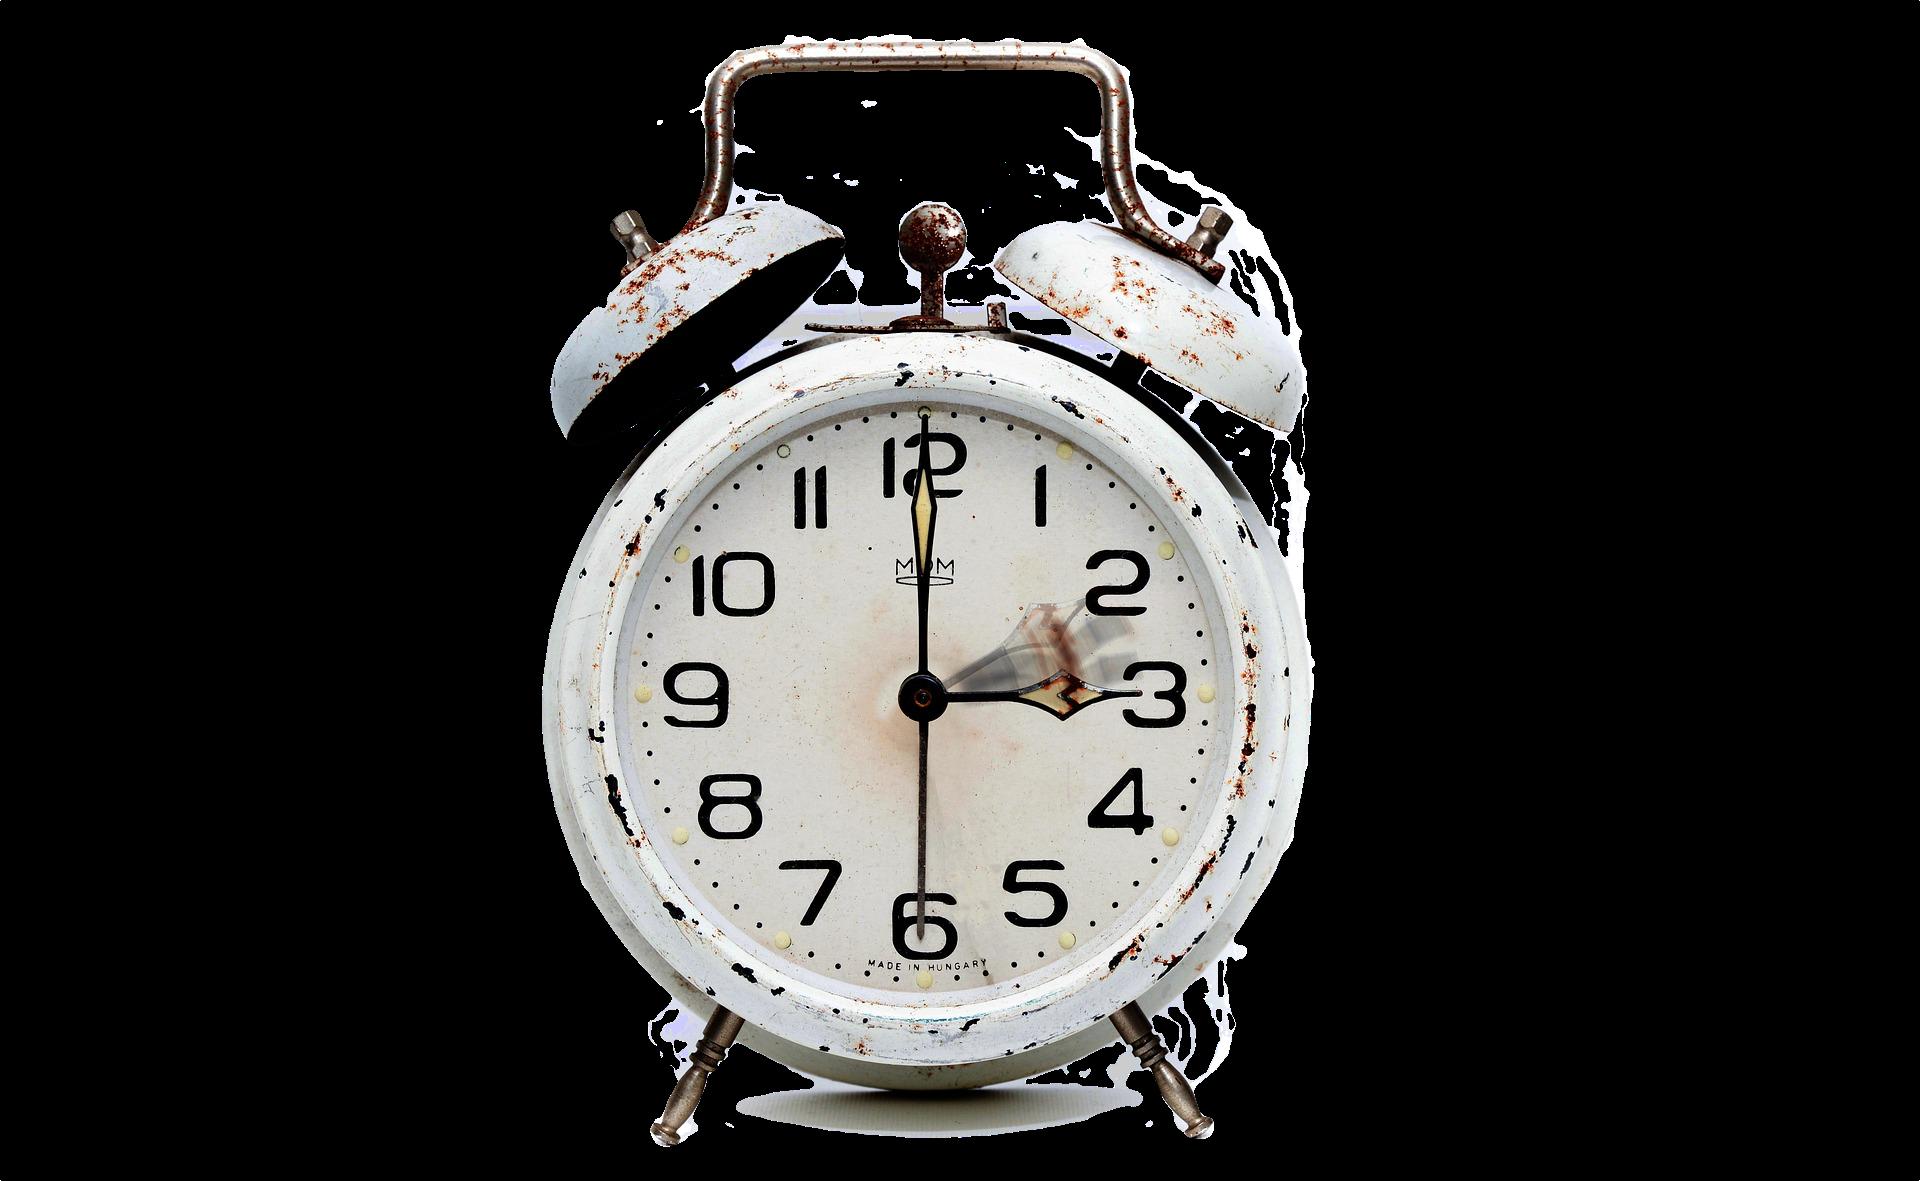 alarm-clock-2175382_1920.png